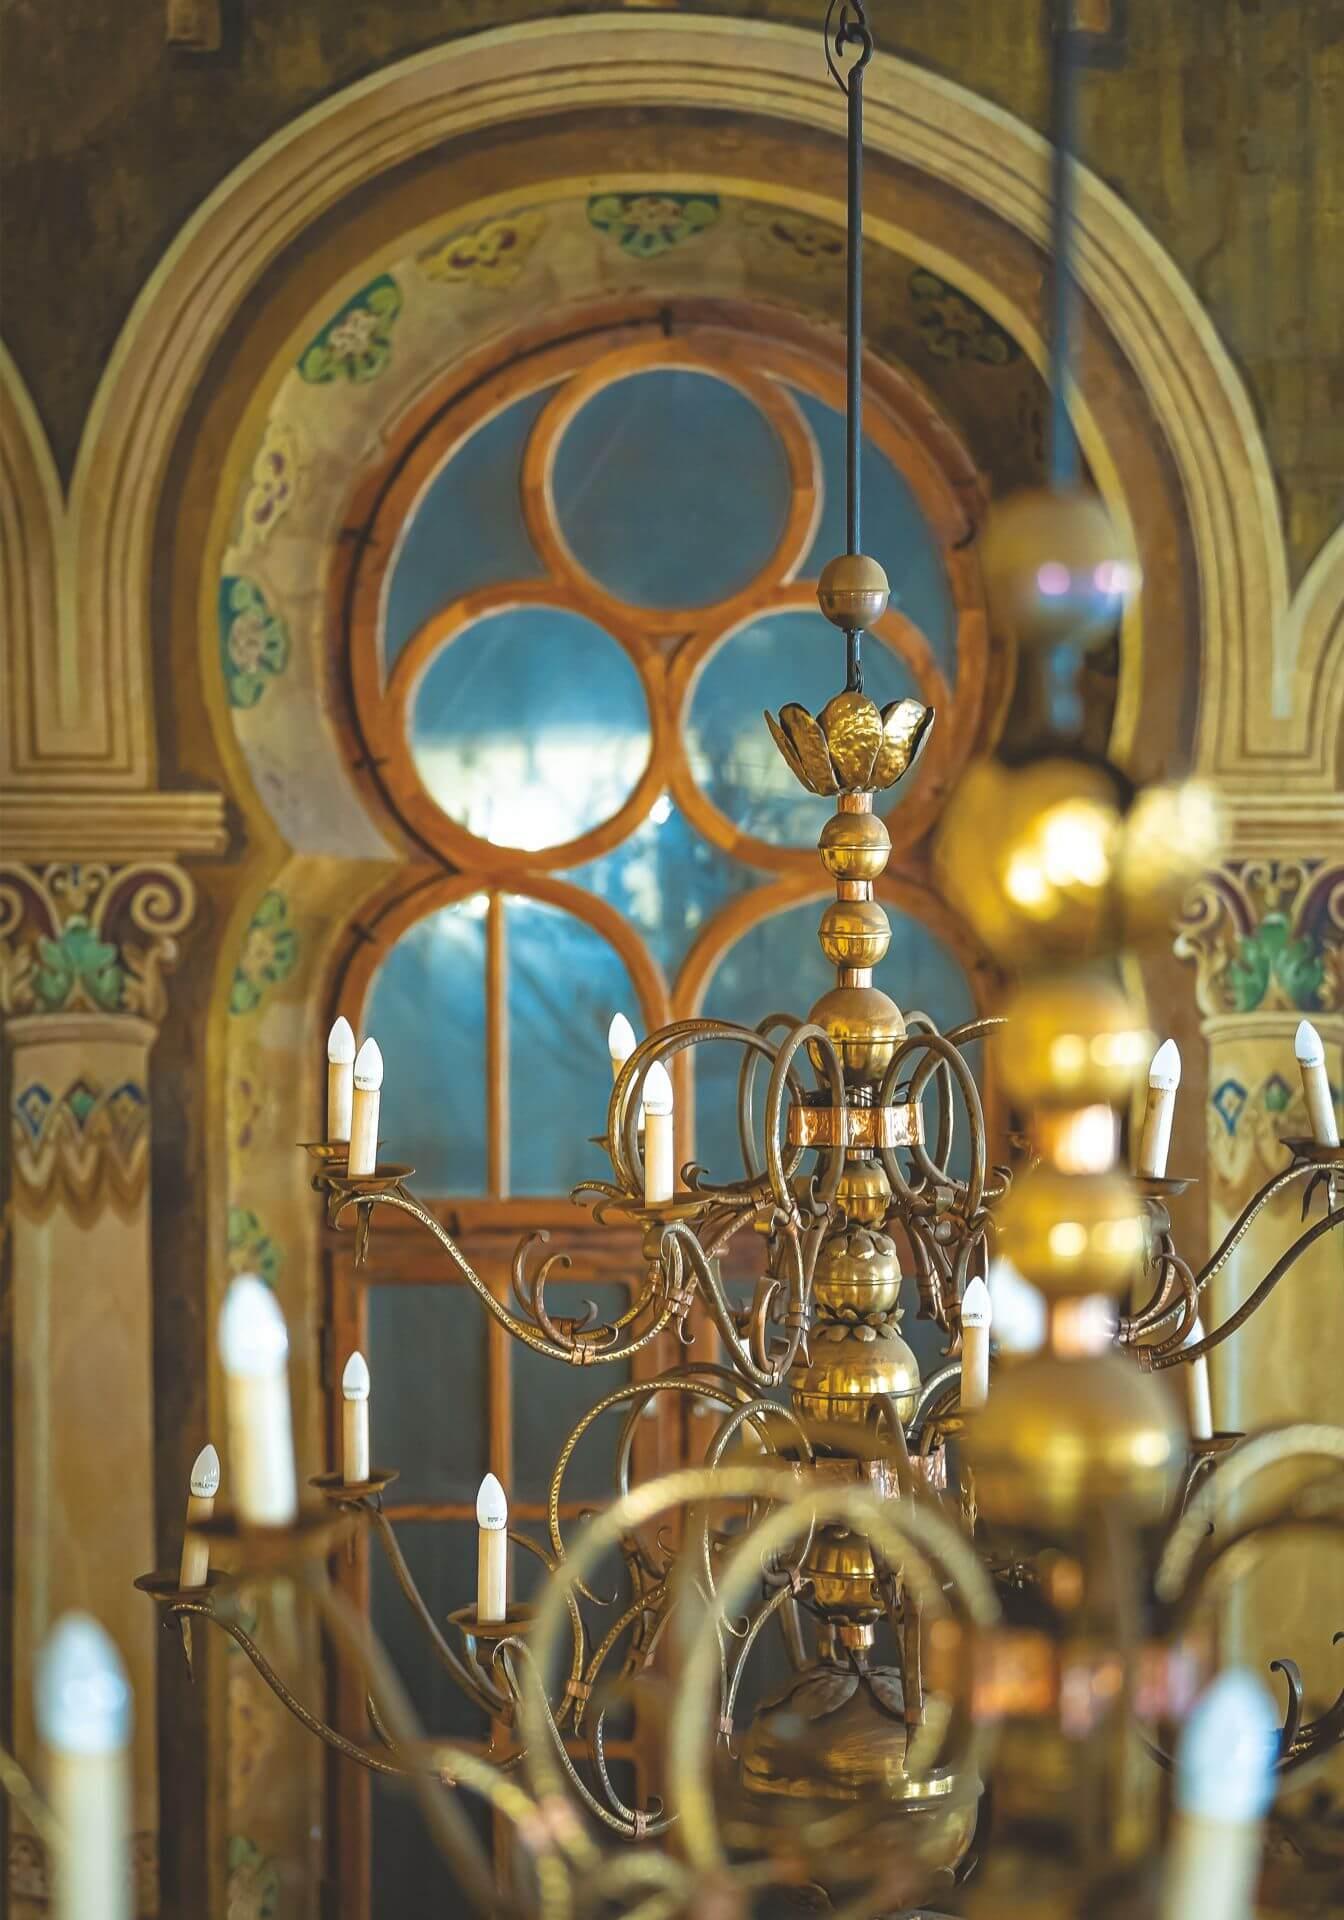 Zdjęcie wnętrza synagogi wykonane przez Arkadiusza Uriasza.